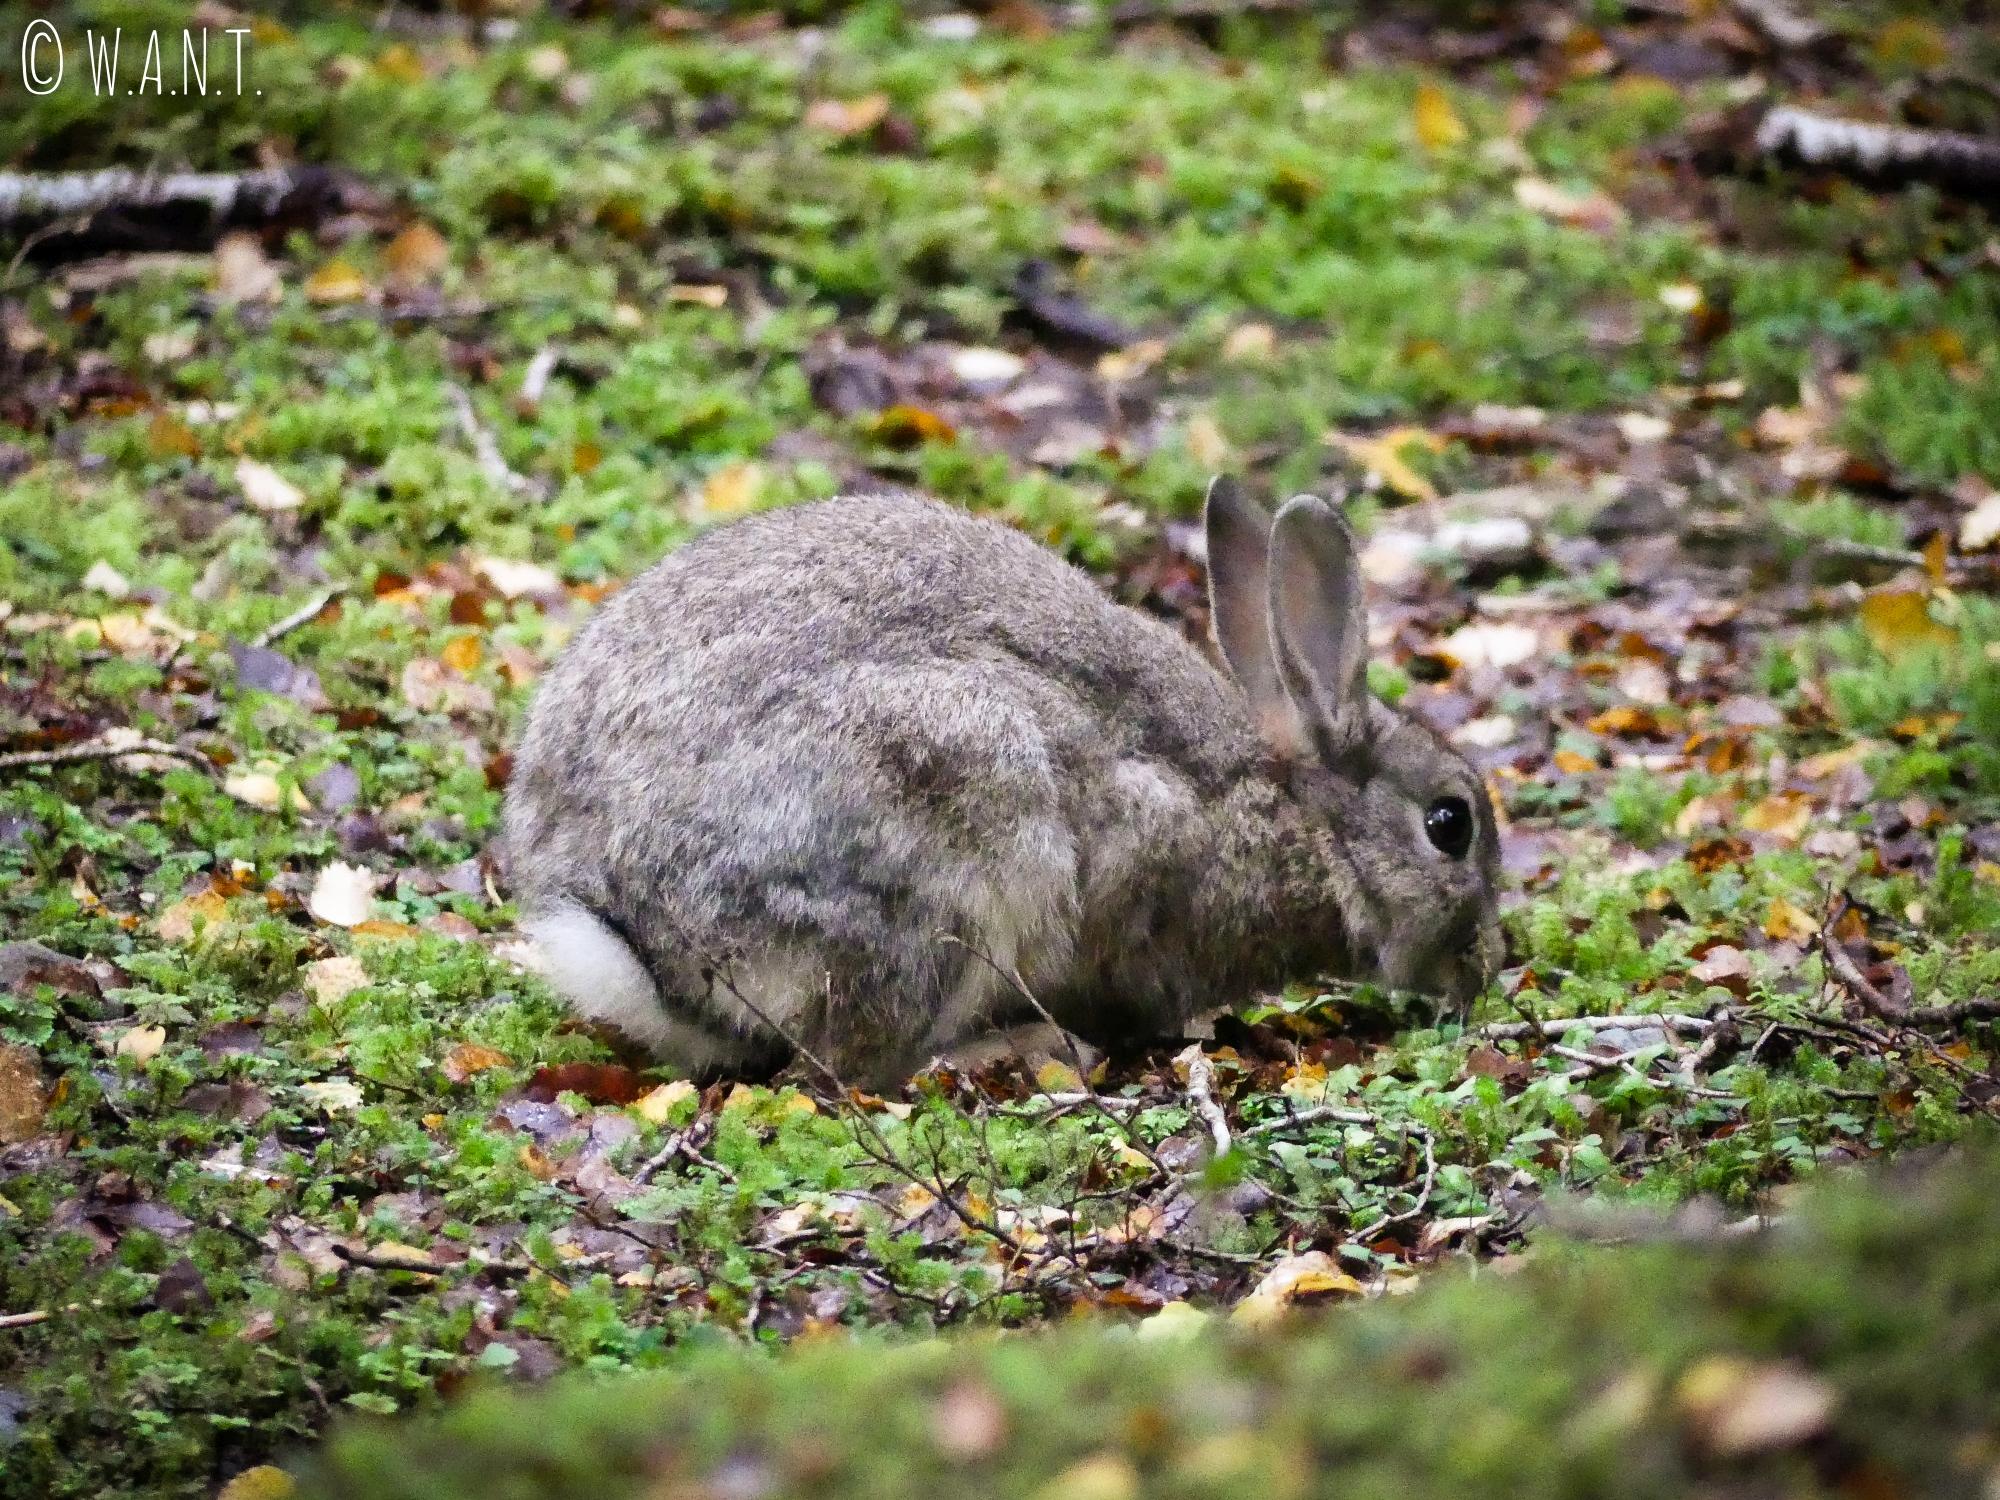 Lapin rencontré au petit matin sur la randonnée du Gunn Lake en Nouvelle-Zélande